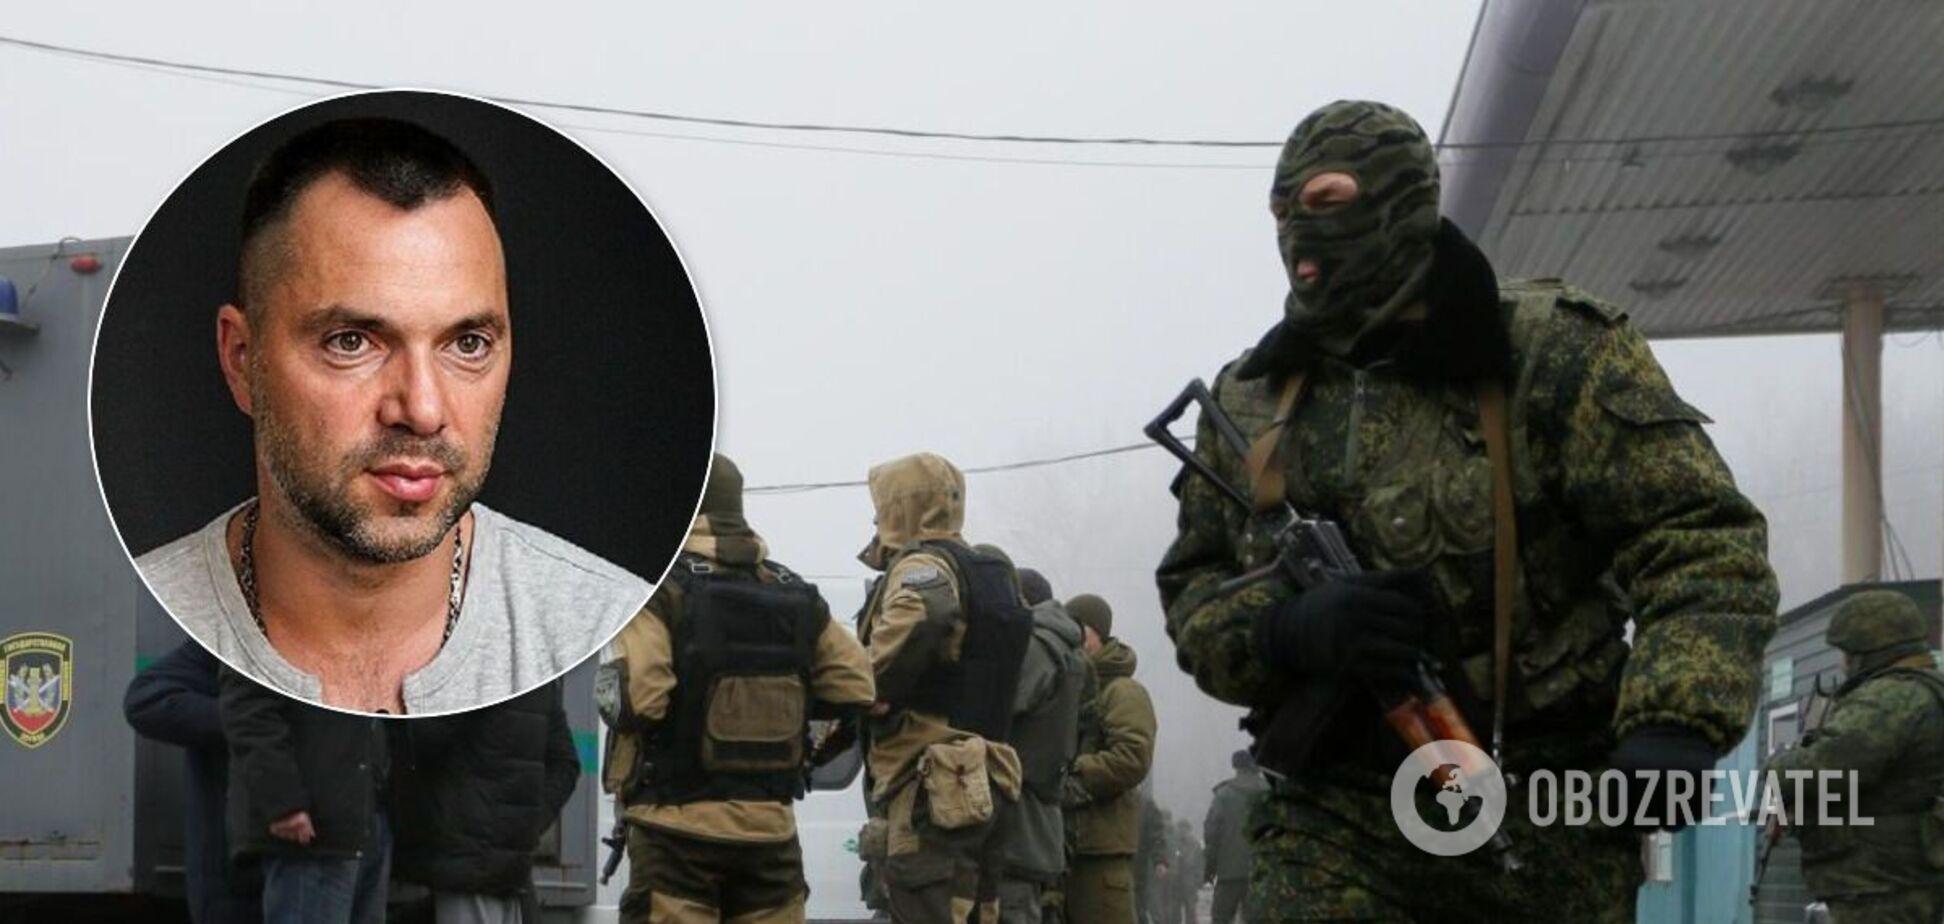 Арестович о срыве обмена пленными: Россия нас шантажирует